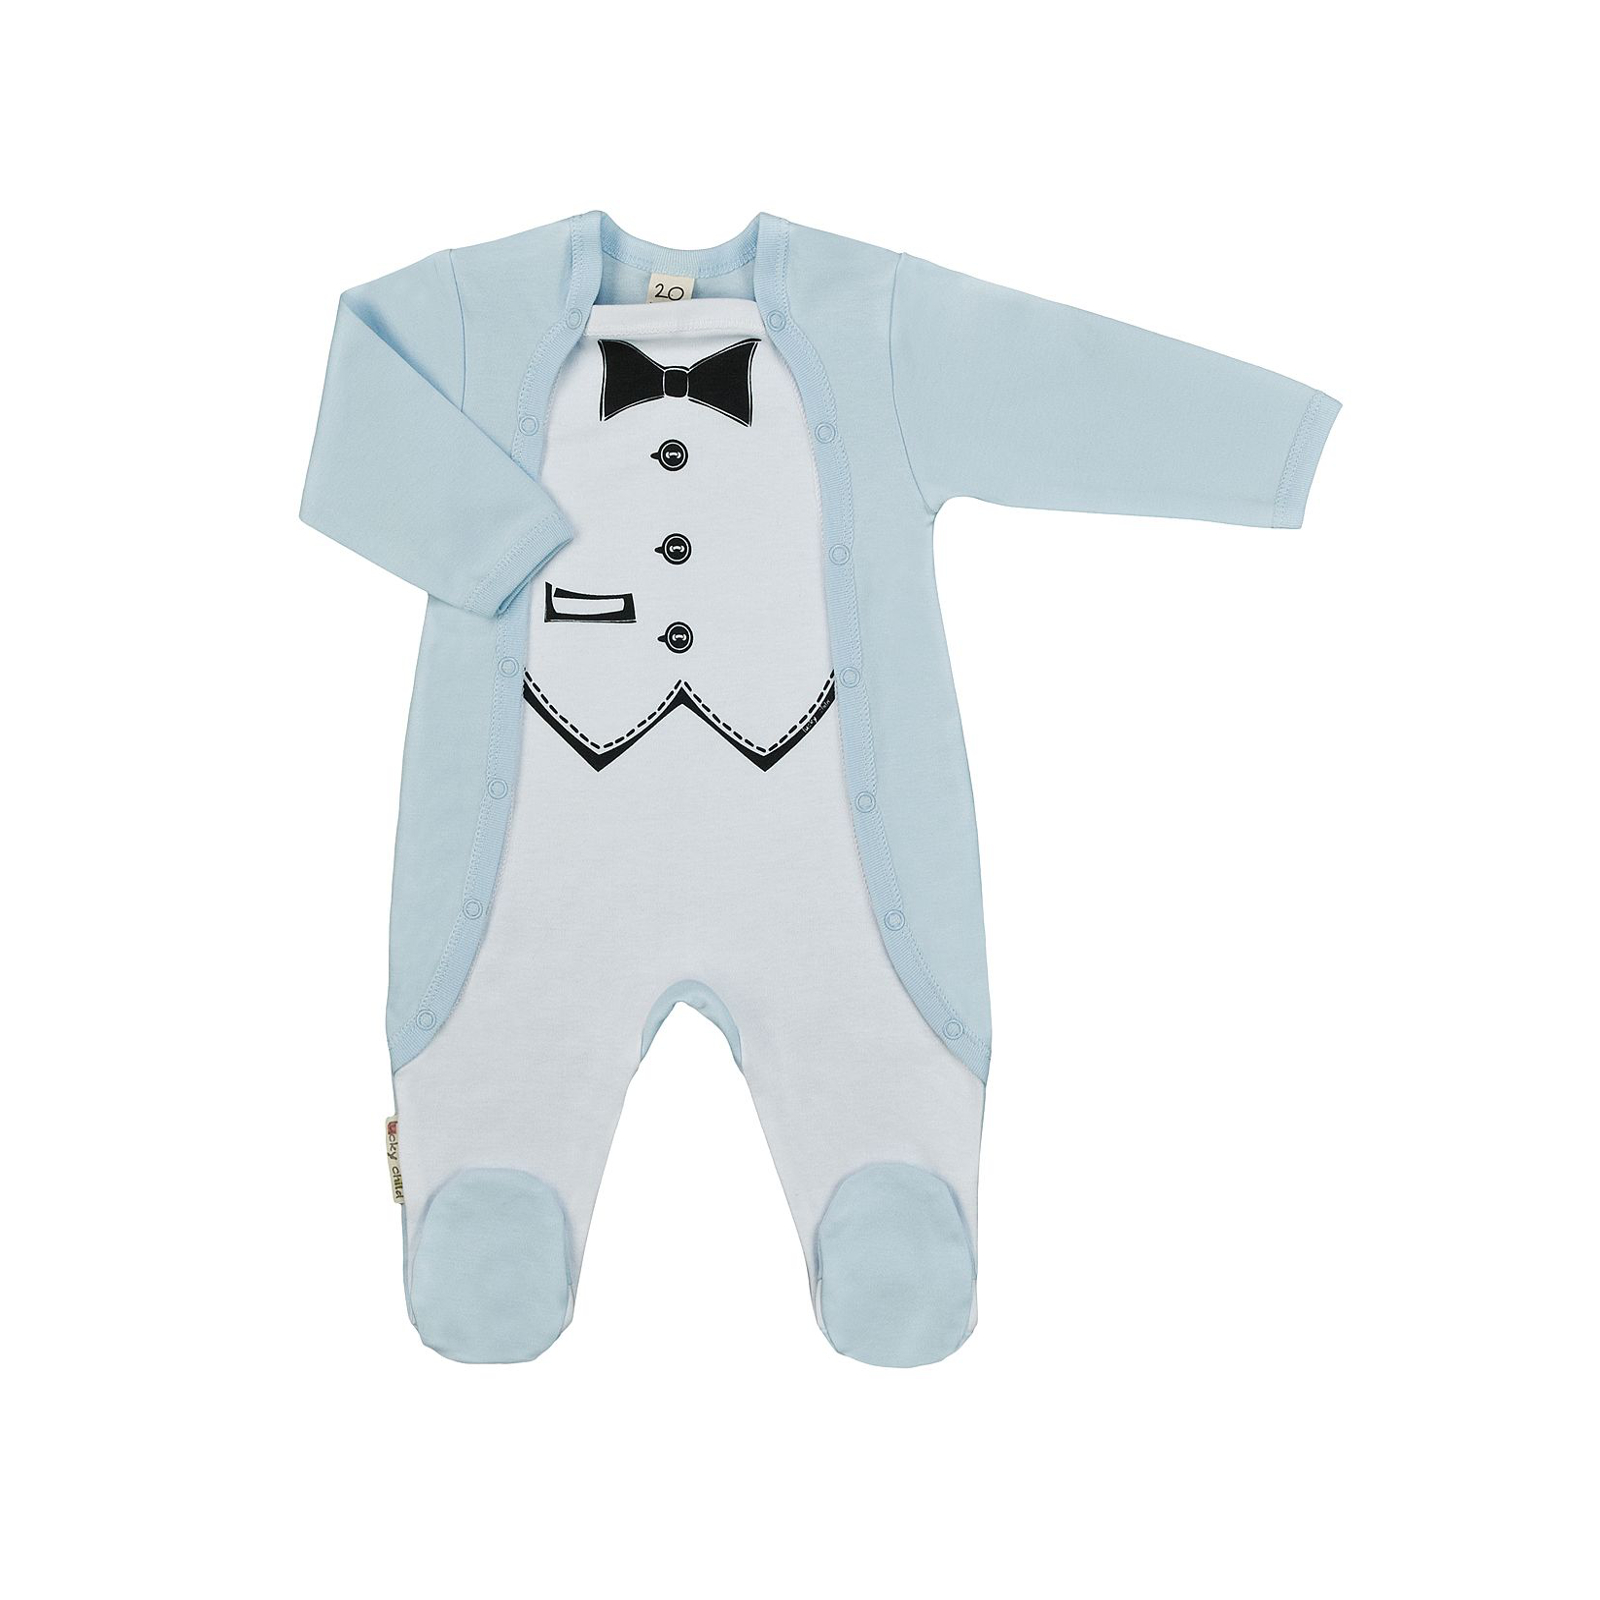 Купить Комбинезон детский Lucky Child Фрак 3-22 голубой р. 56-62, Трикотажные комбинезоны для новорожденных